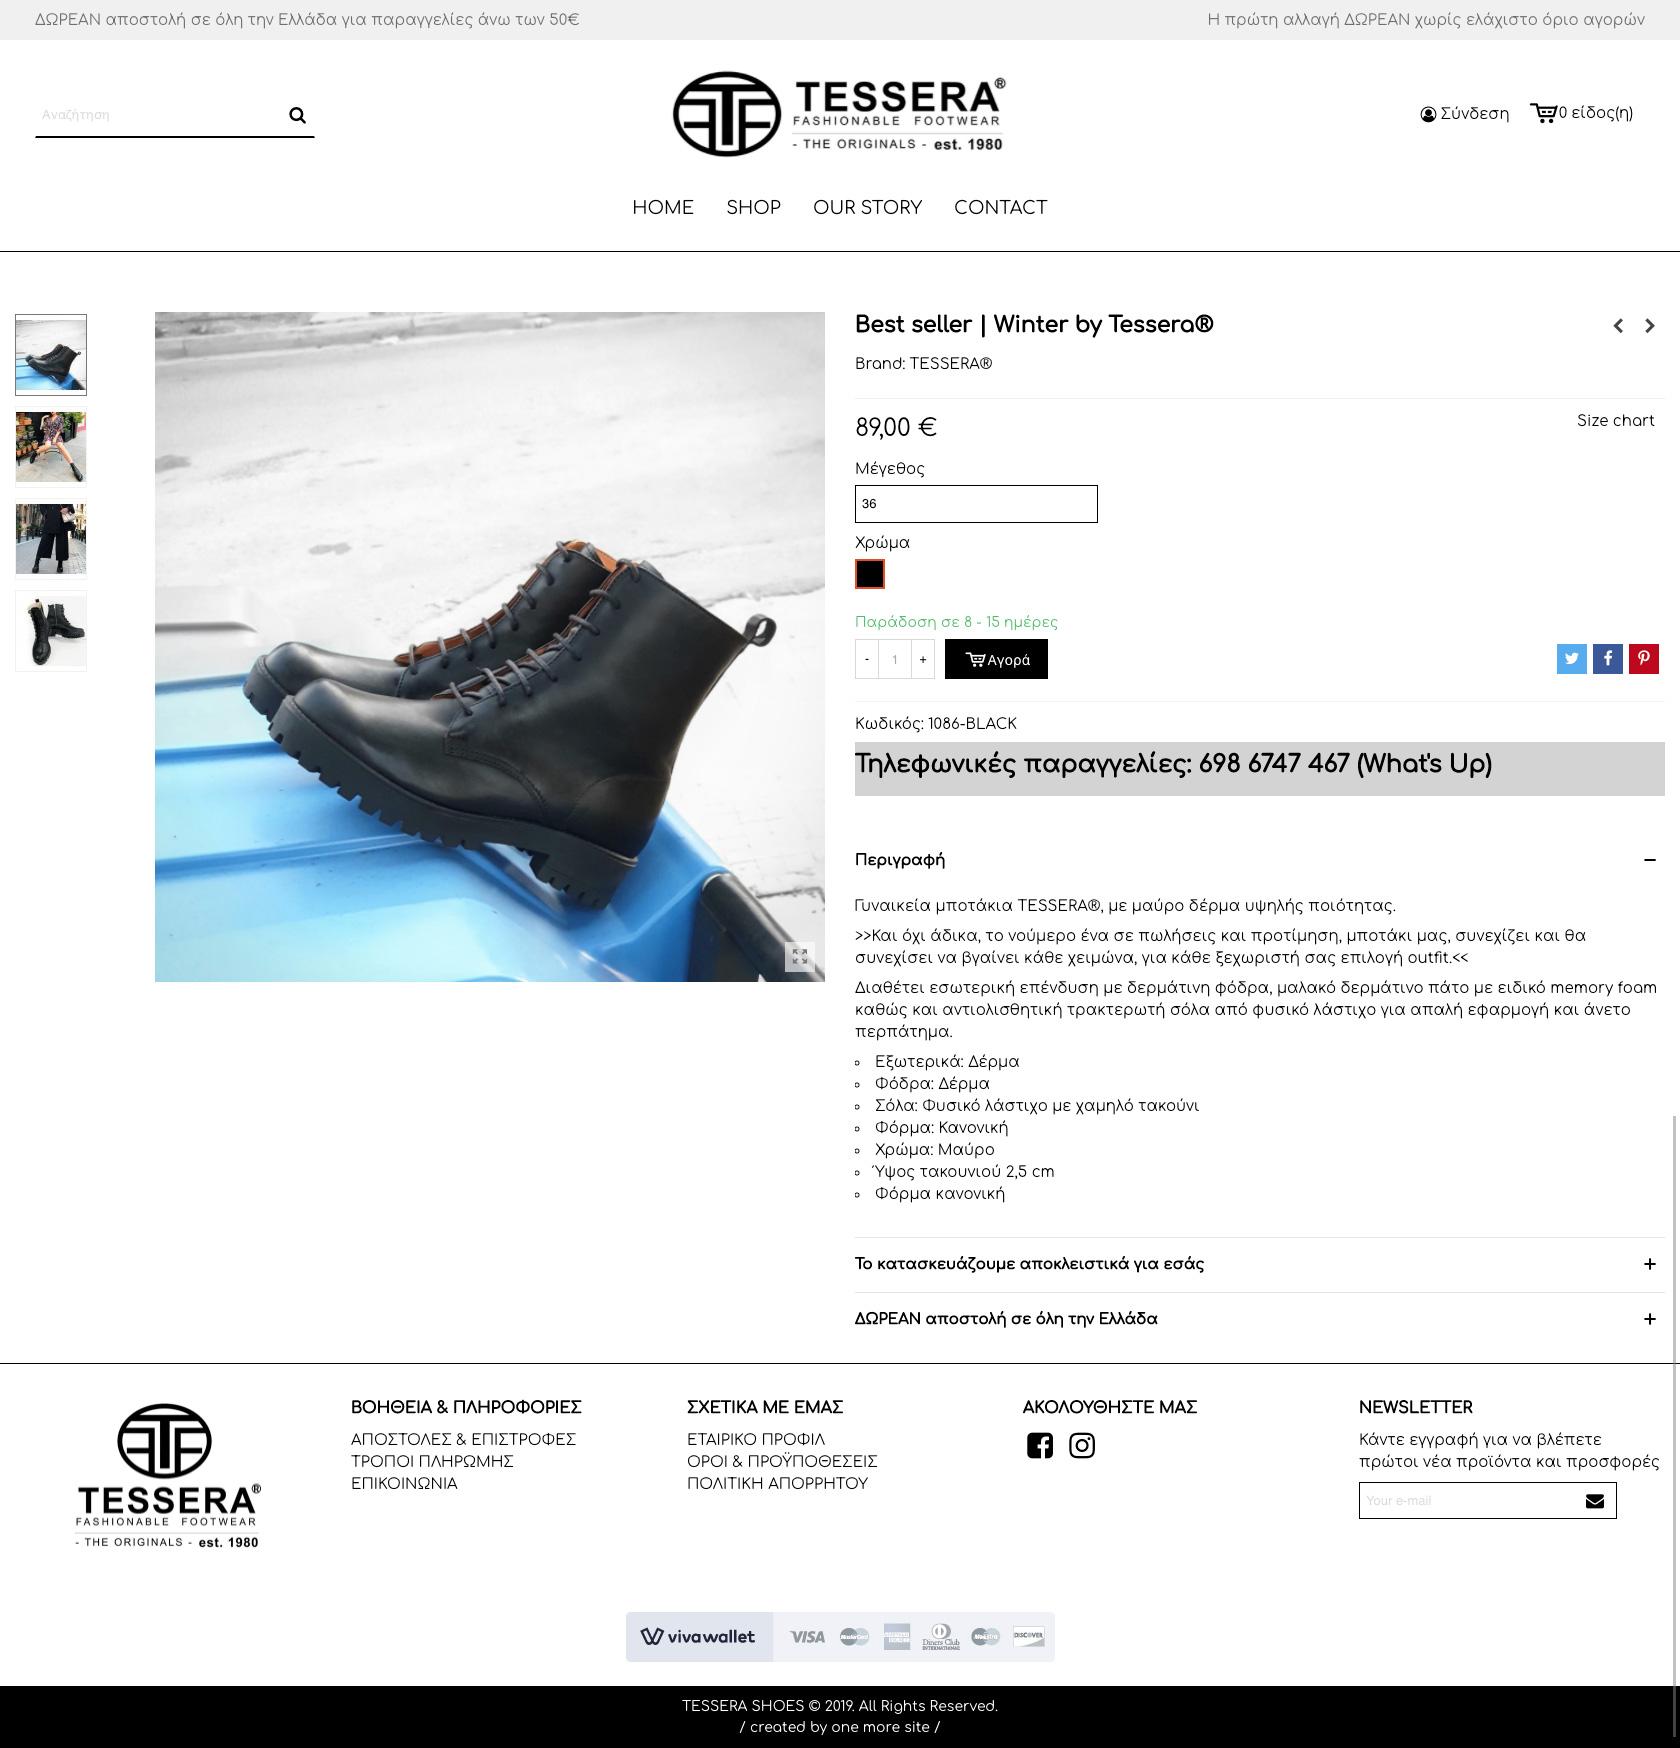 tesserafootwear.com-scr-3